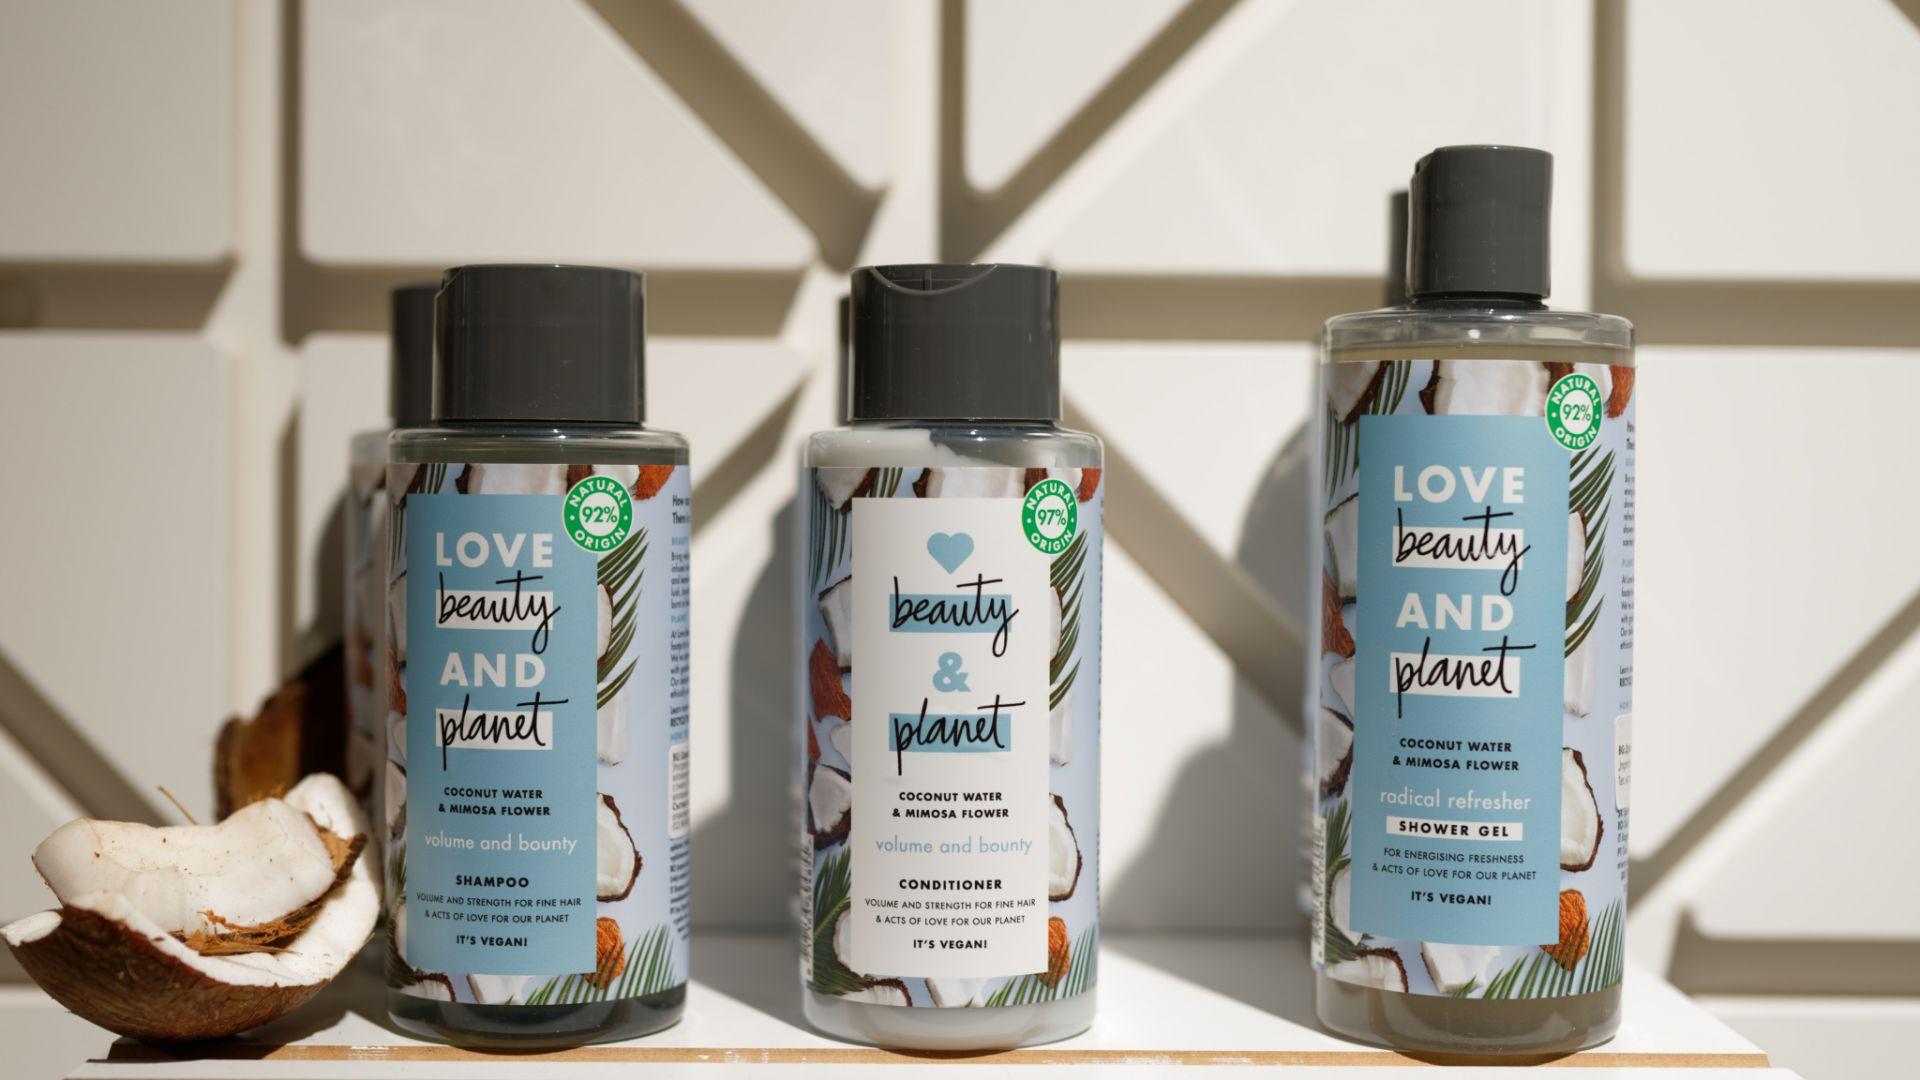 Love Beauty and Planet е новият бранд козметични продукти с грижа за околната среда